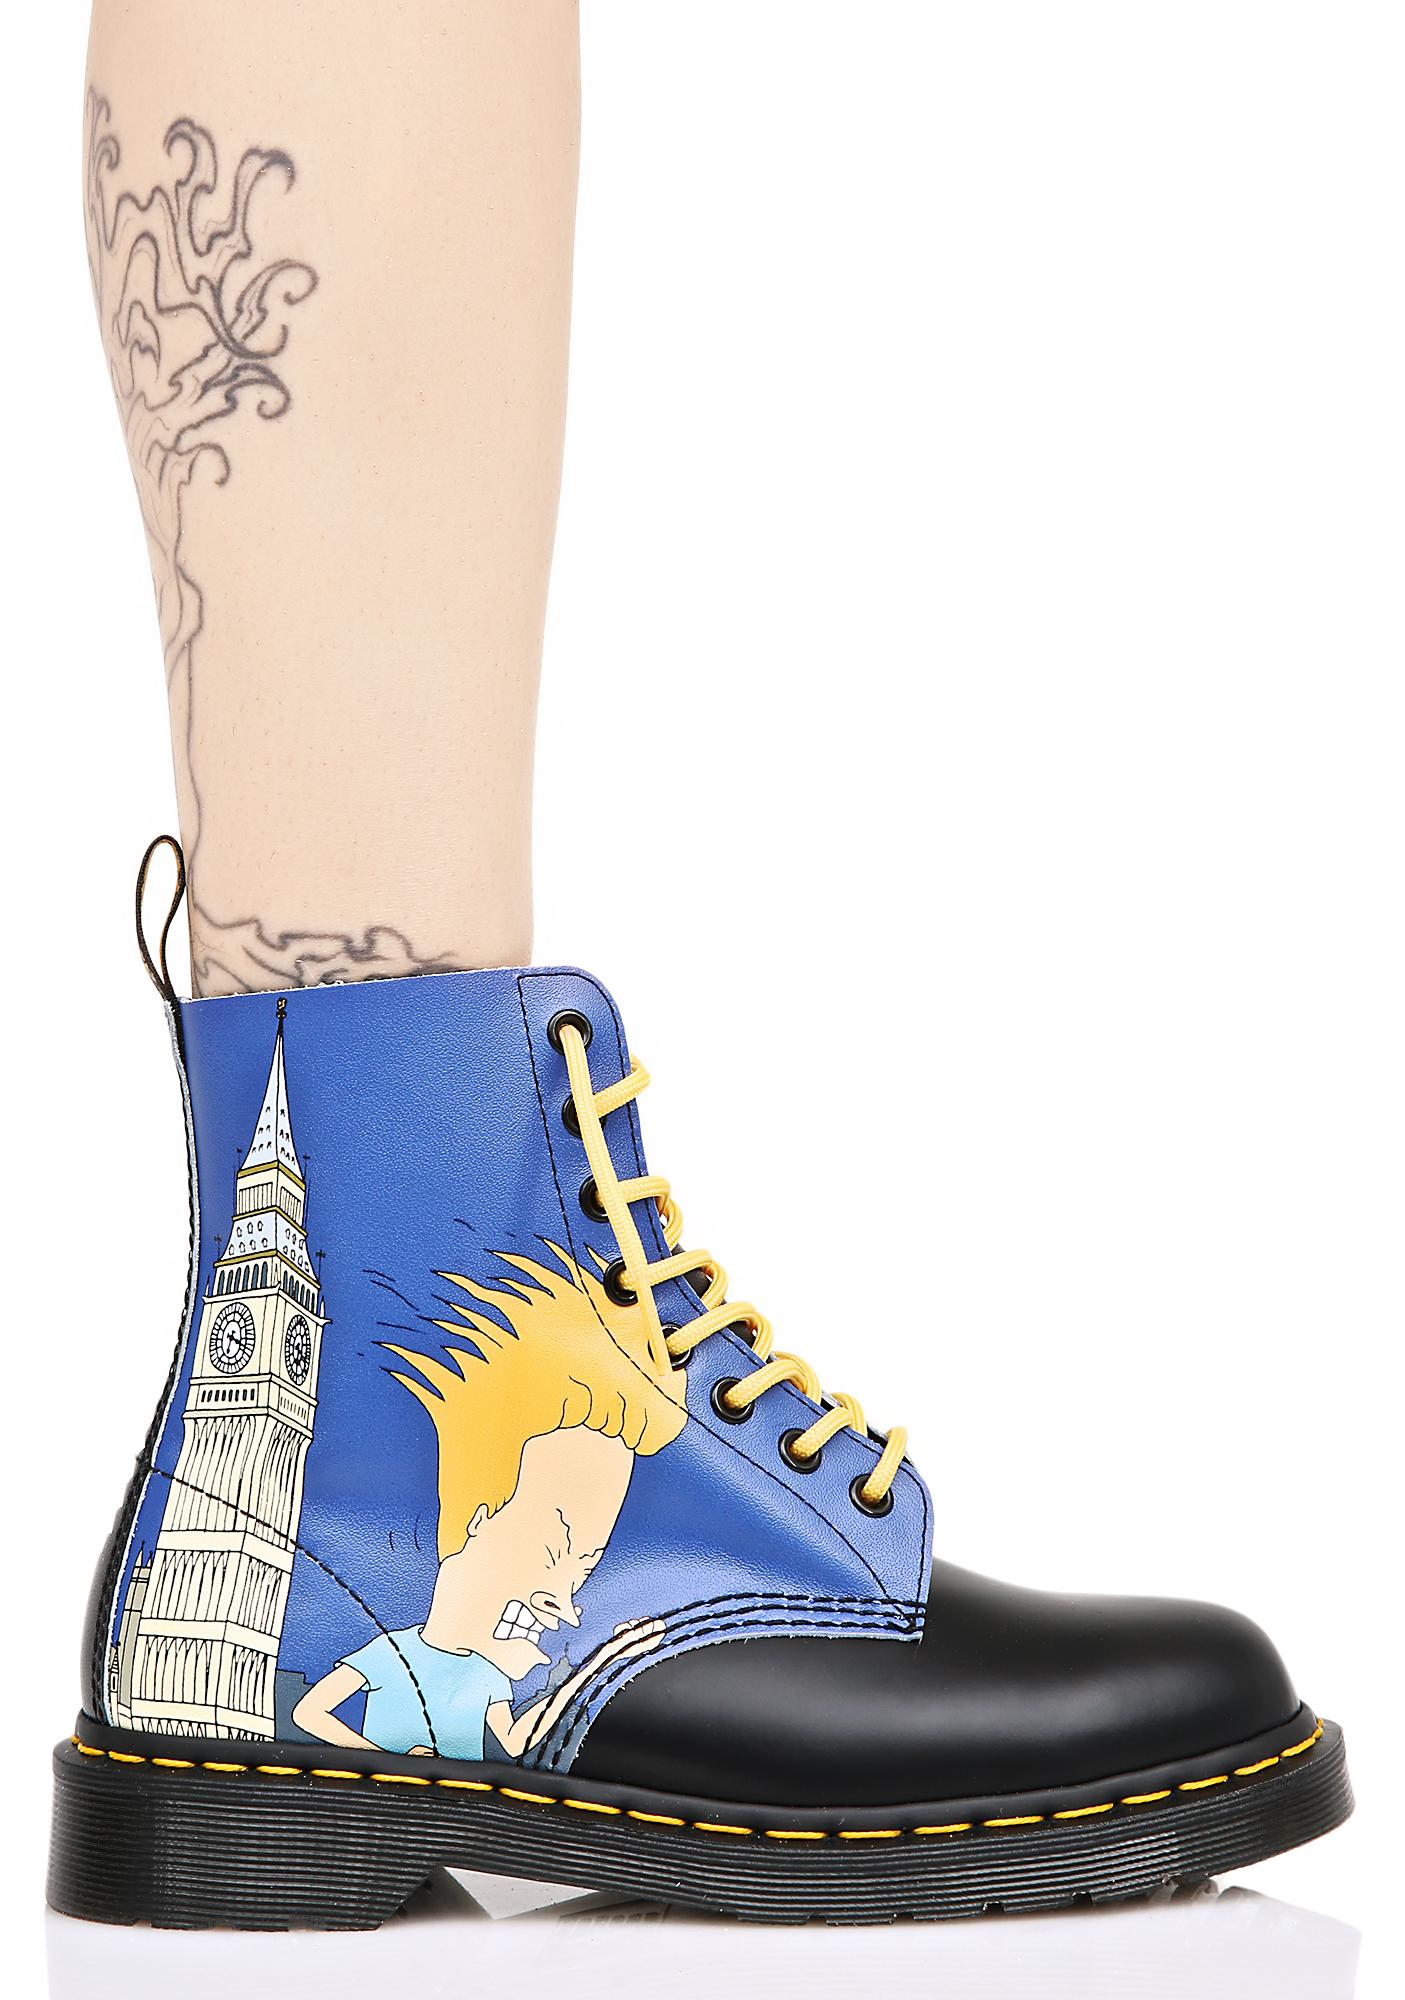 Dr. Martens Big Ben Beavis & Butthead 8 Eye Boots